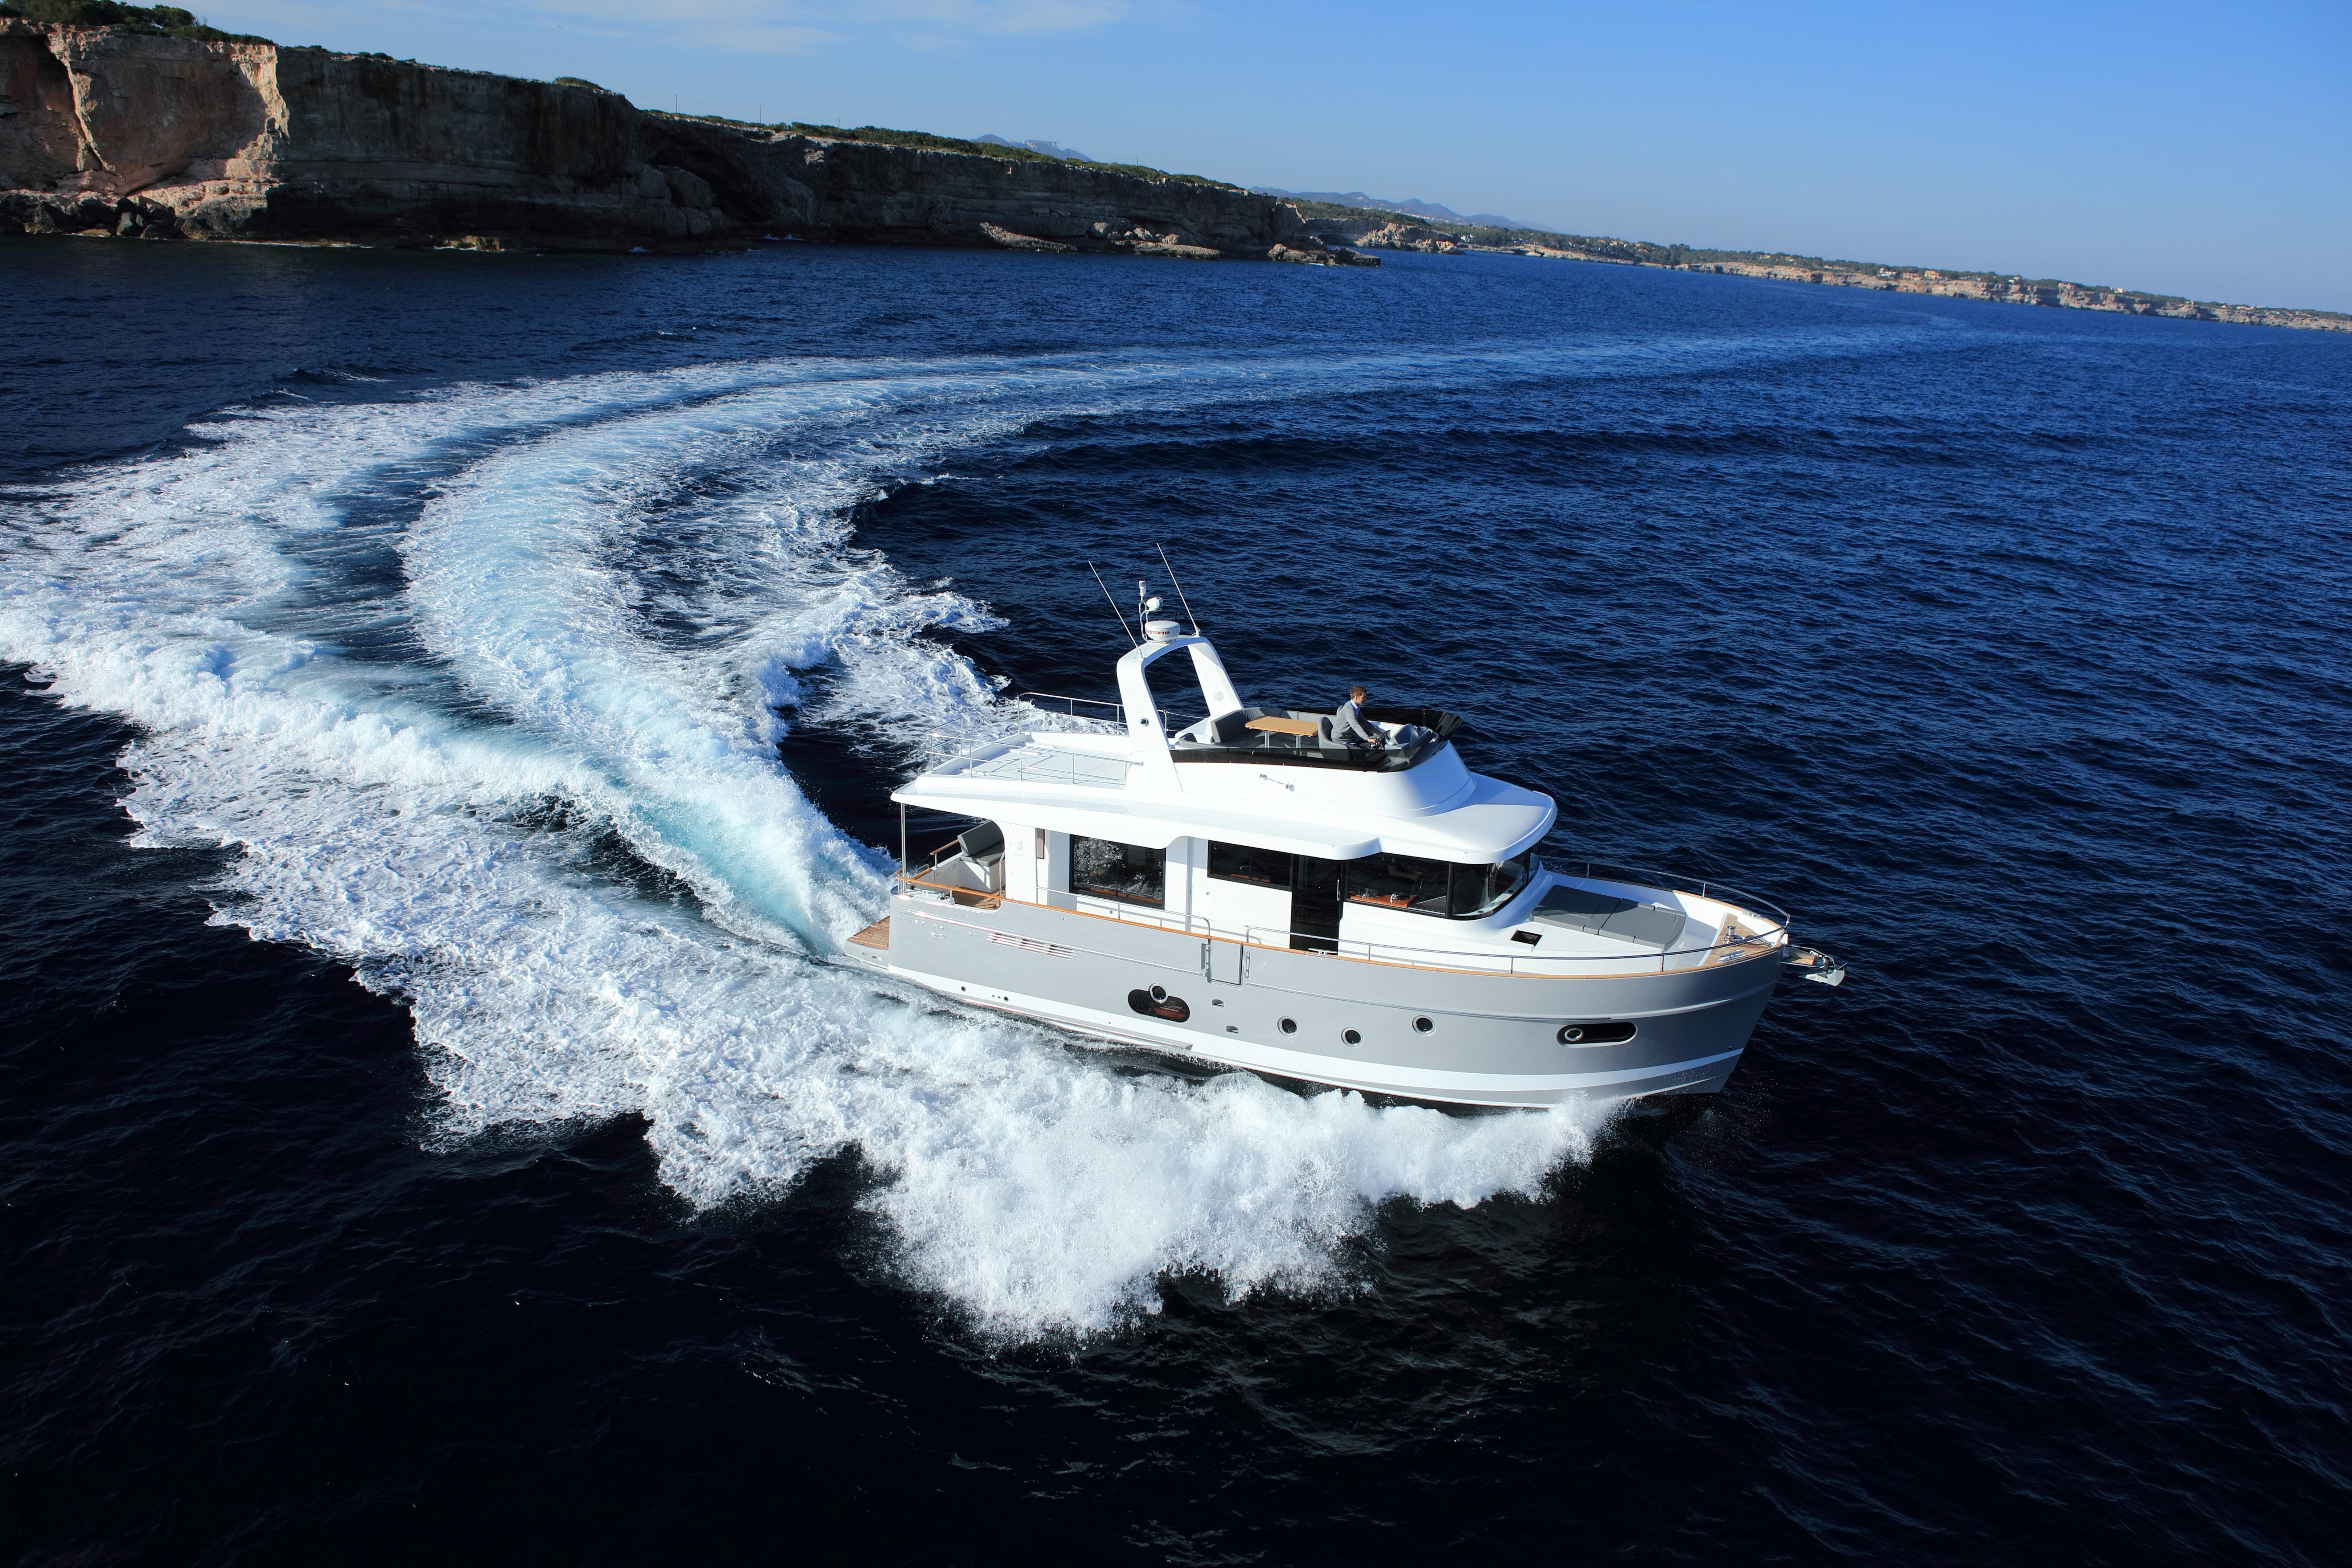 Beneteau Swift Trawler 50 New Beneteau Swift Trawler 50